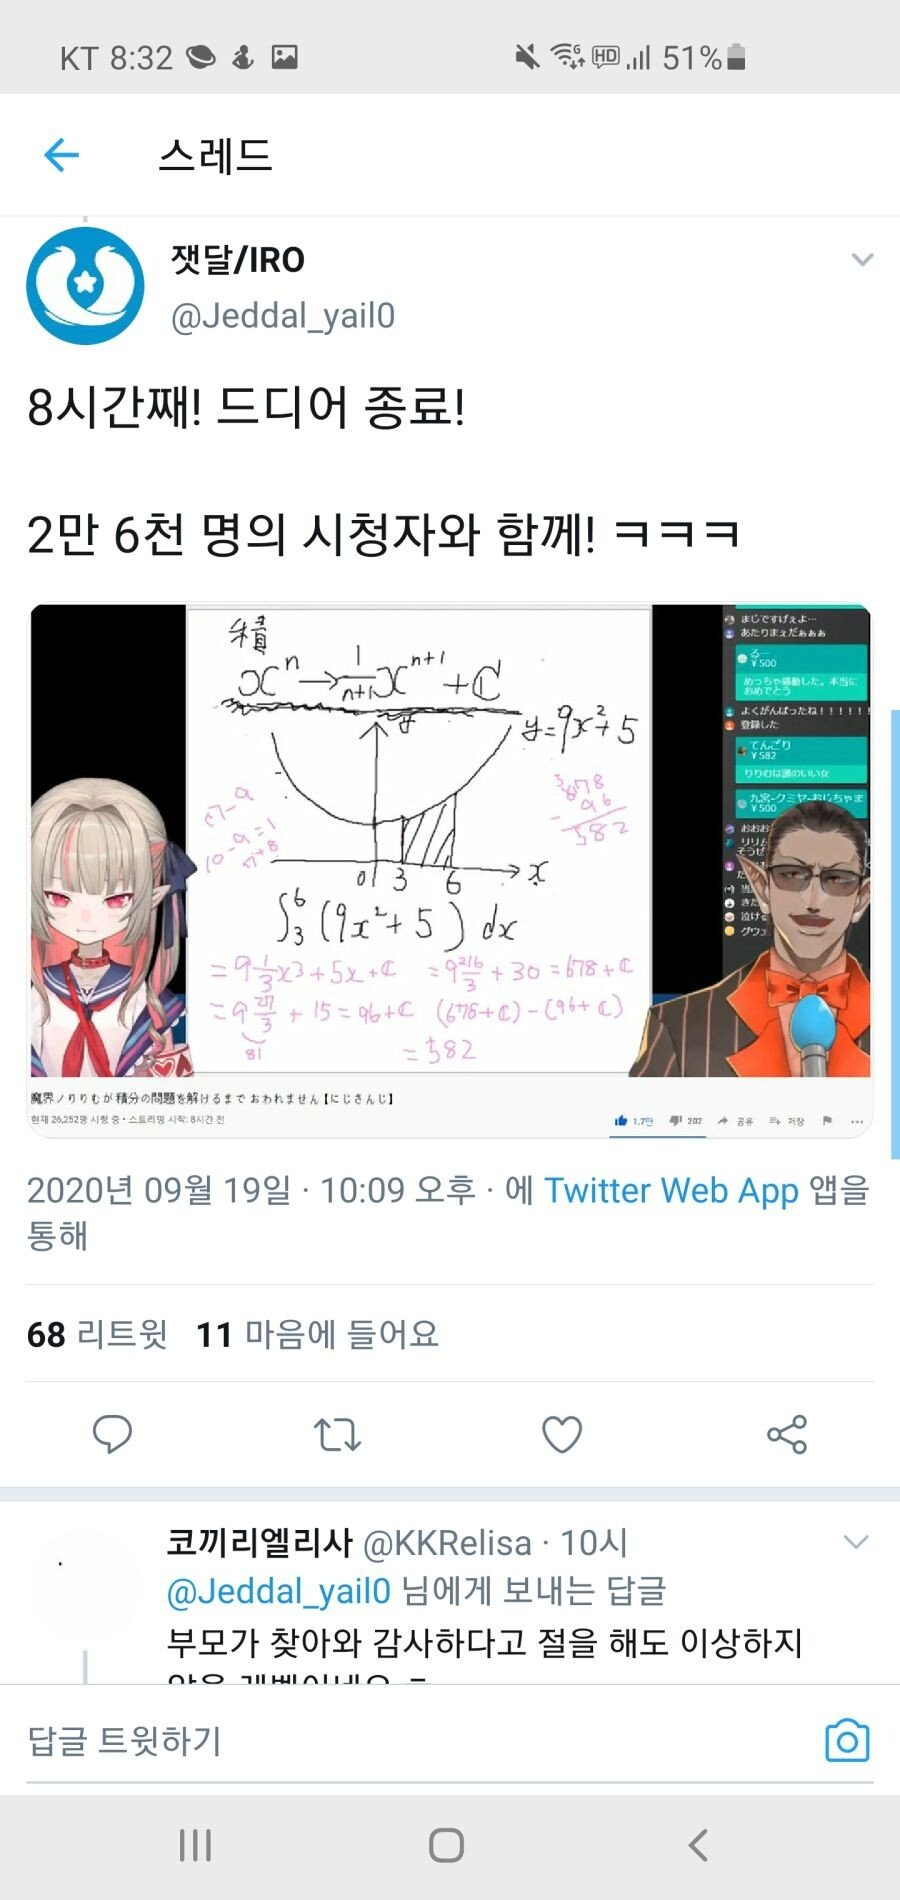 요즘 버튜버 근황.math